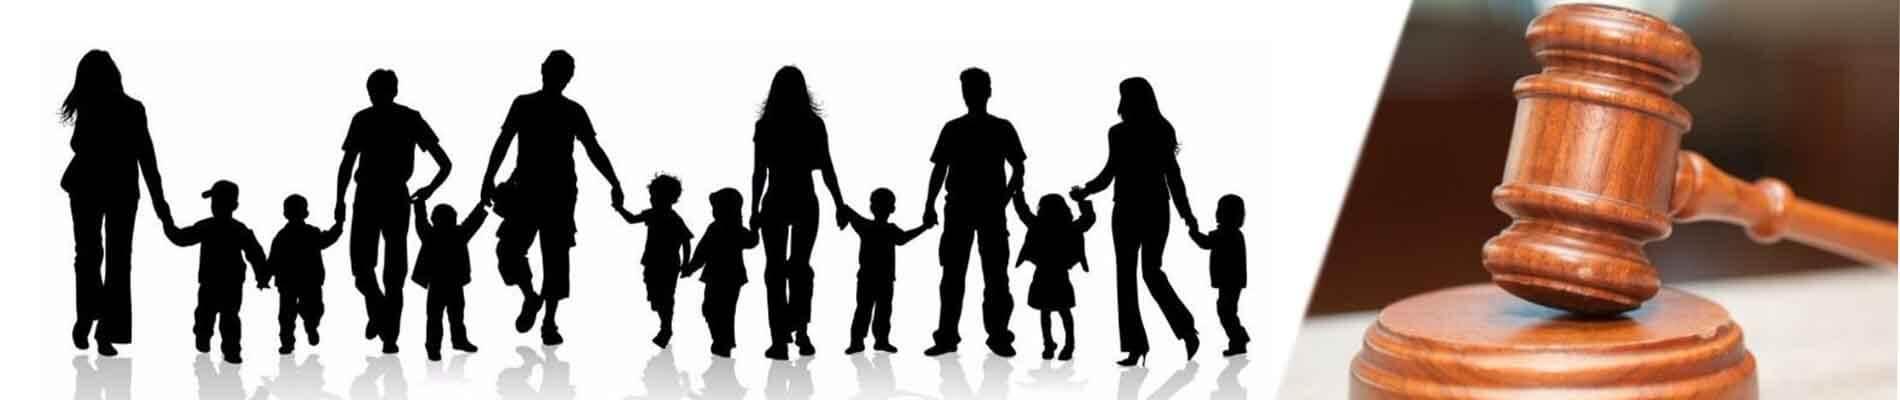 Юрист по оспариванию отцовства СПб